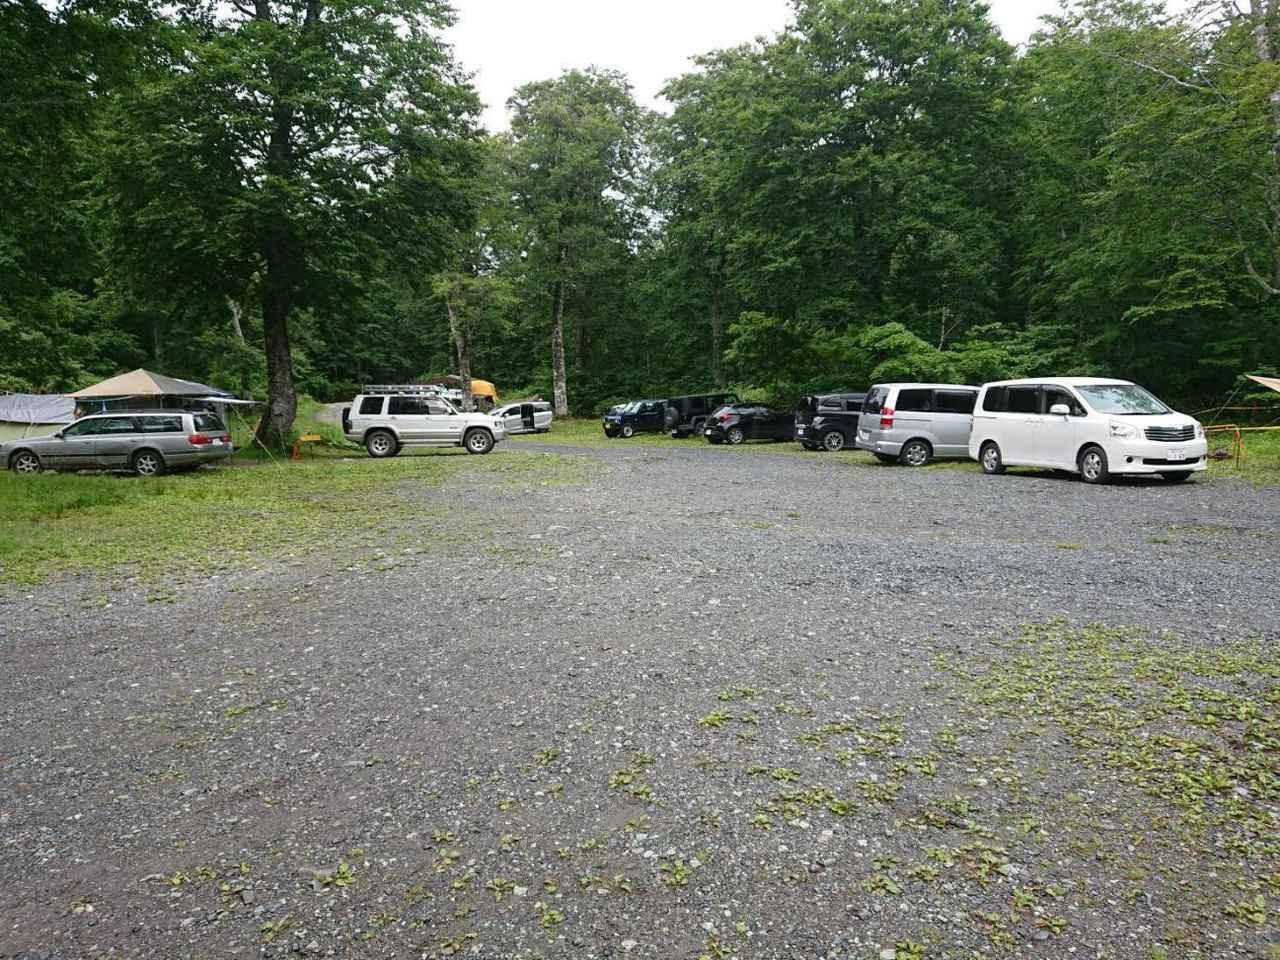 画像1: 筆者撮影 キャンプ場の様子